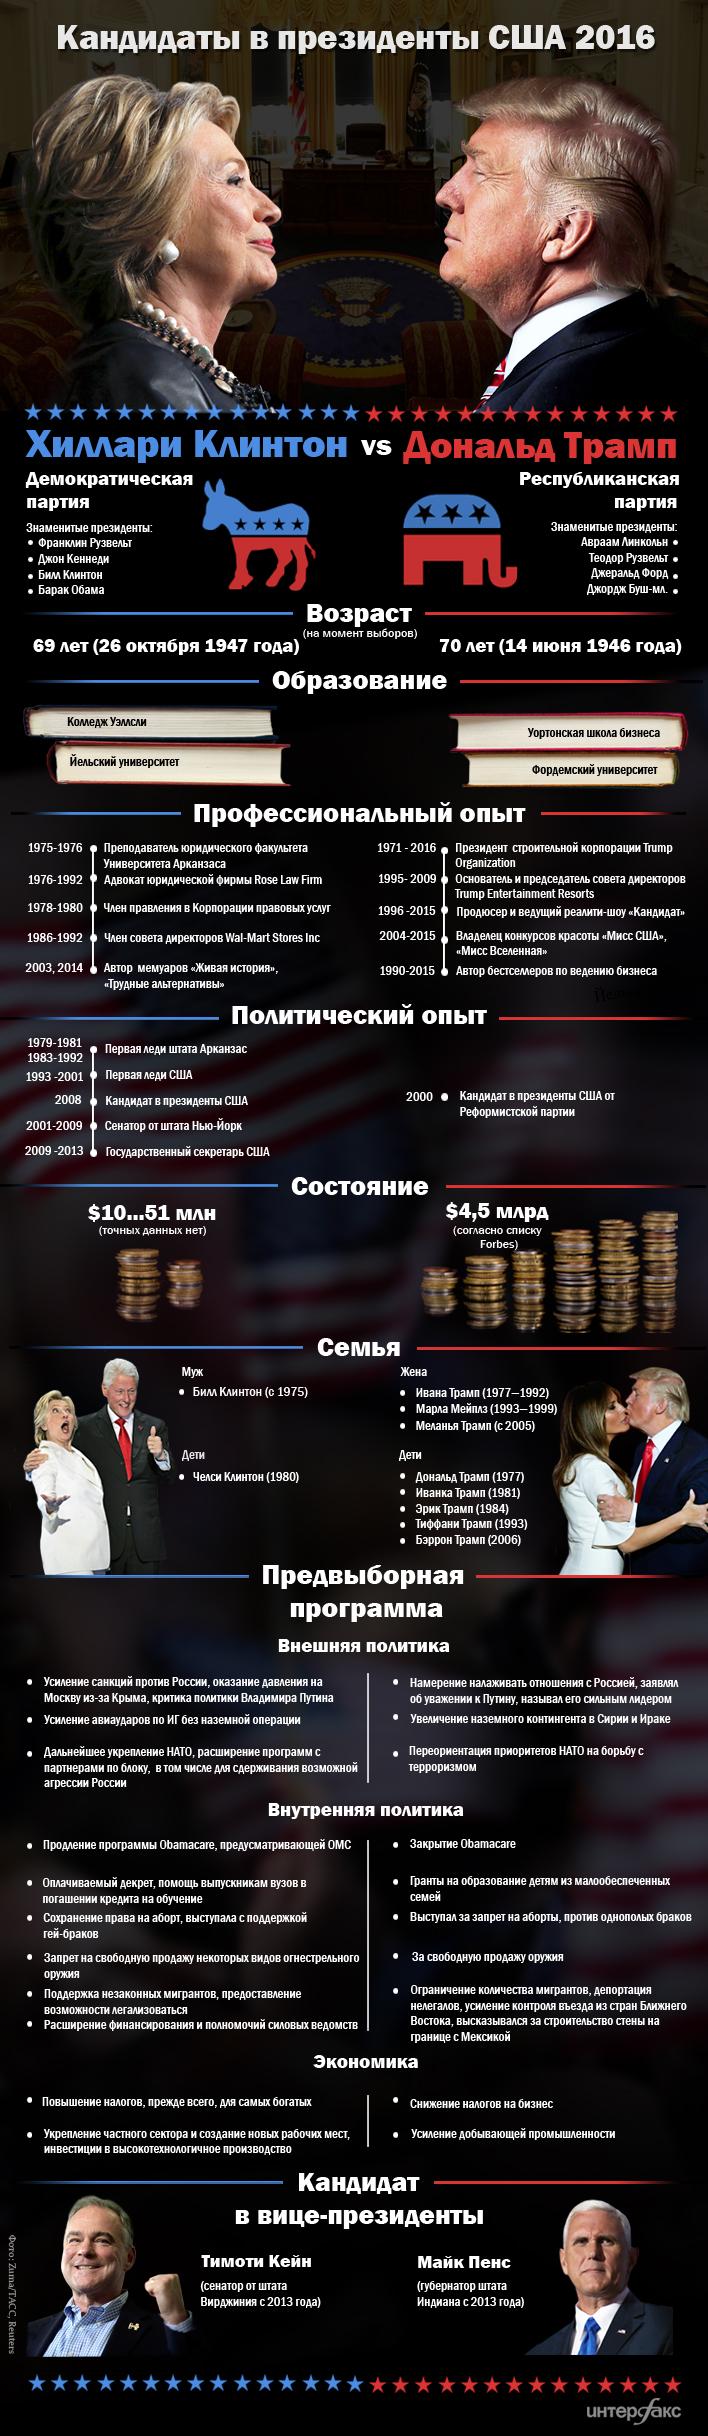 Клинтон против Трампа. Инфографика